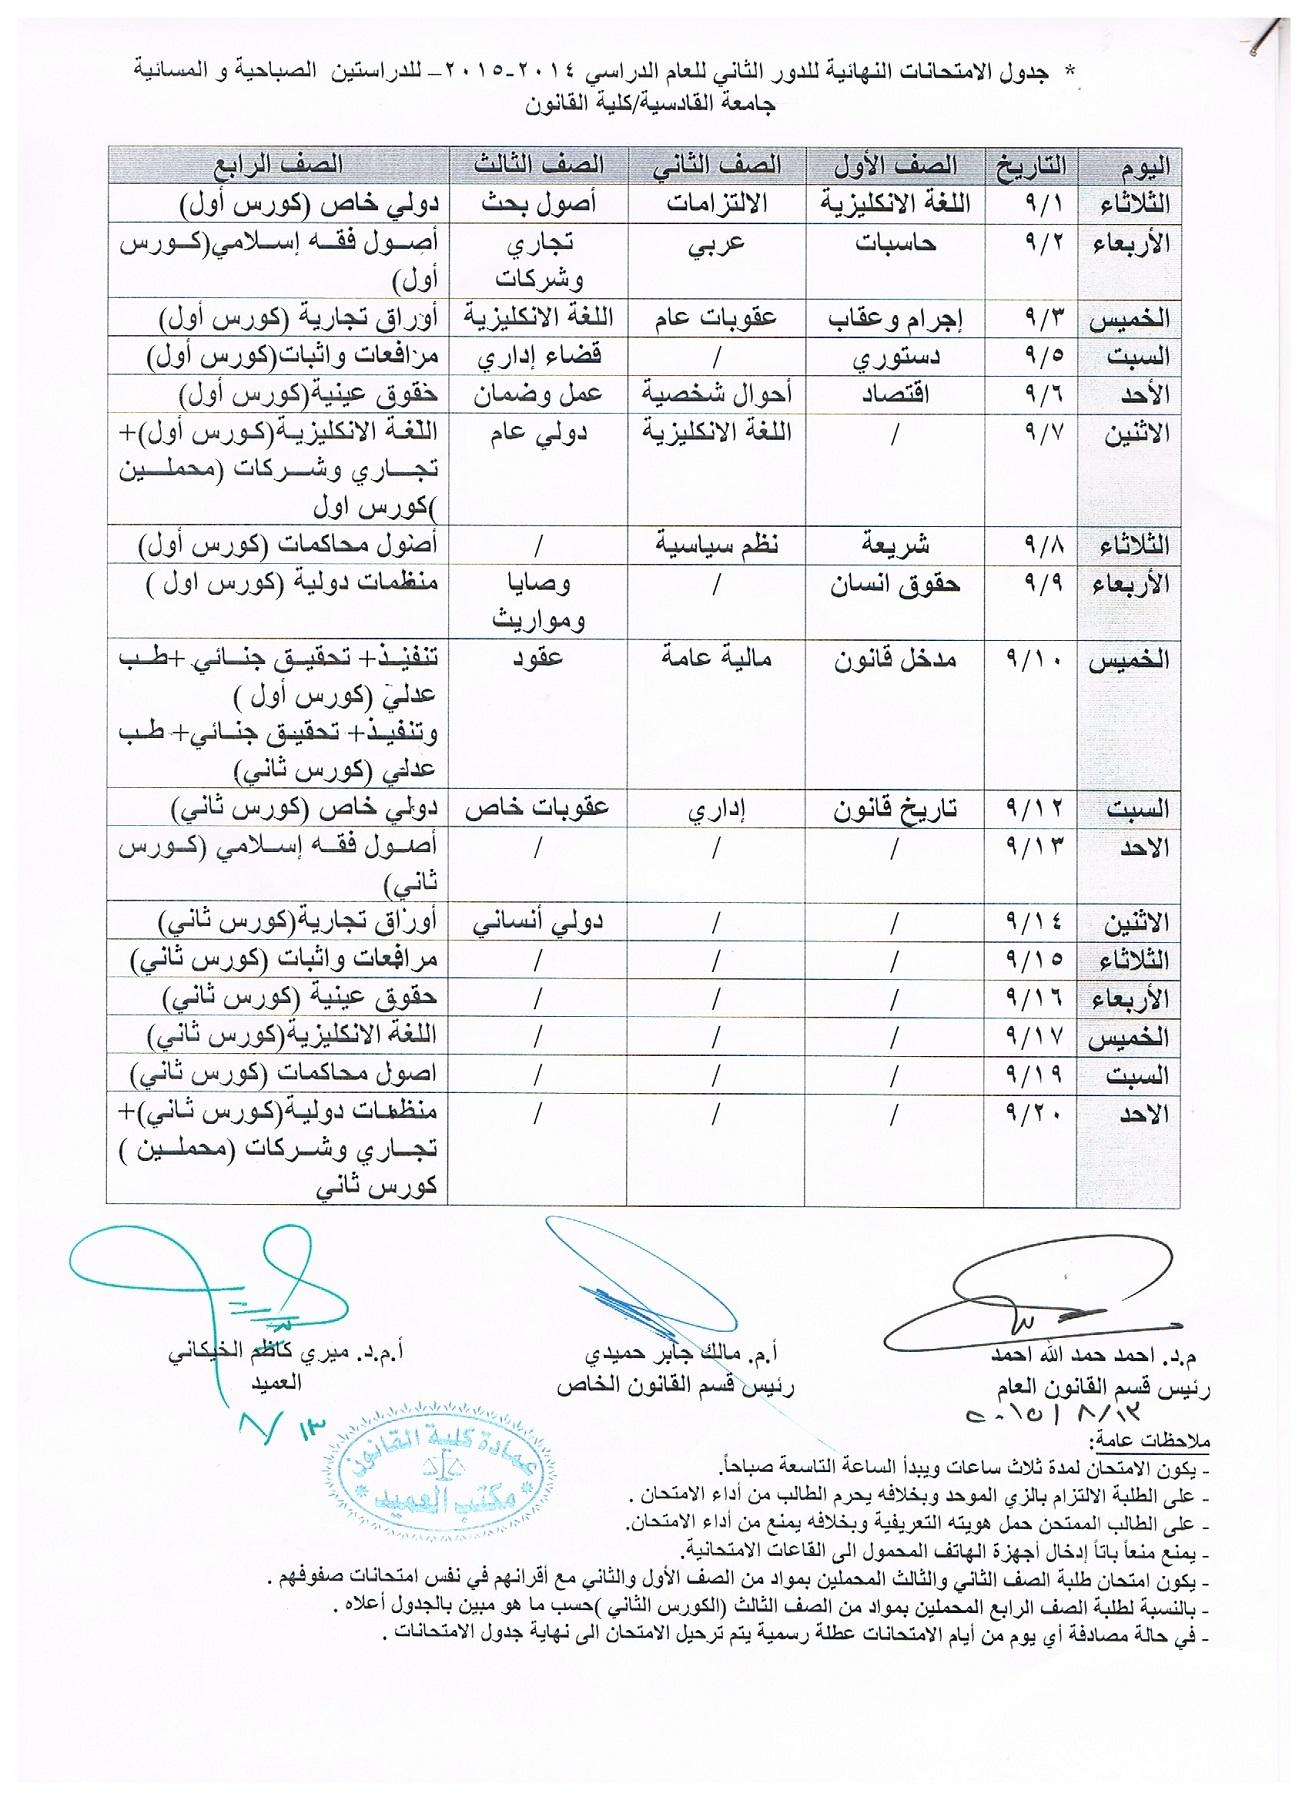 جدول الامتحانات النهائية الدور الثاني للعام الدراسي 2014 – 2015 للدراستين الصباحية والمسائية